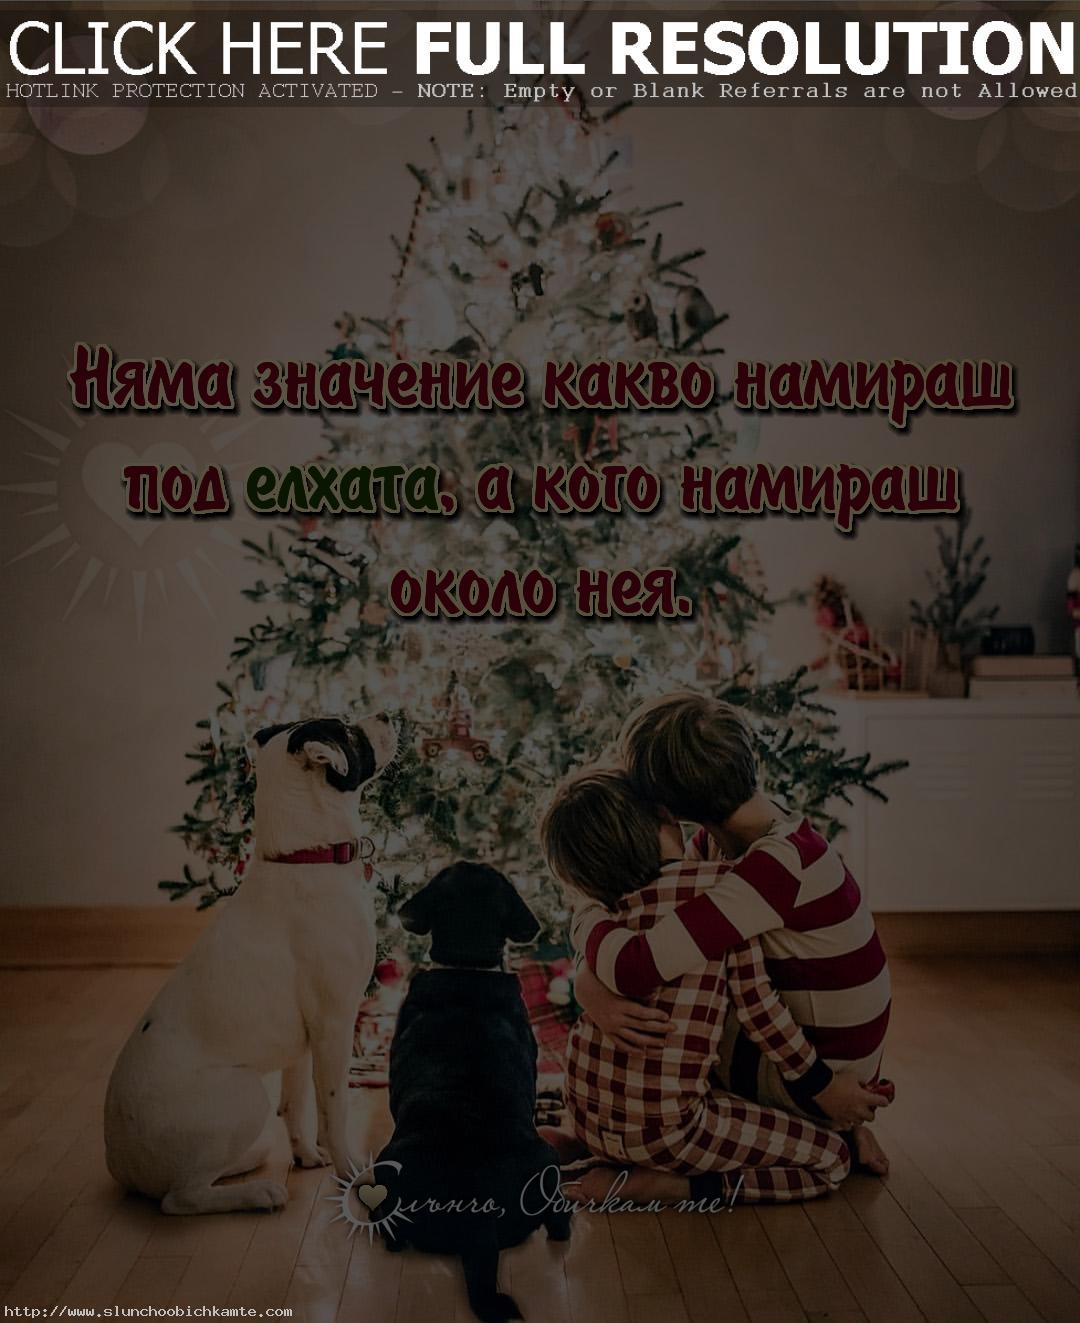 Няма значение какво намираш под елхата а кого намираш около нея - Коледа 2019, коледна елха, коледно настроение, коледа семейство, коледни статуси, коледни мисли, коледни фрази, коледни цитати, коледа елха, коледа любов, коледа слънчо